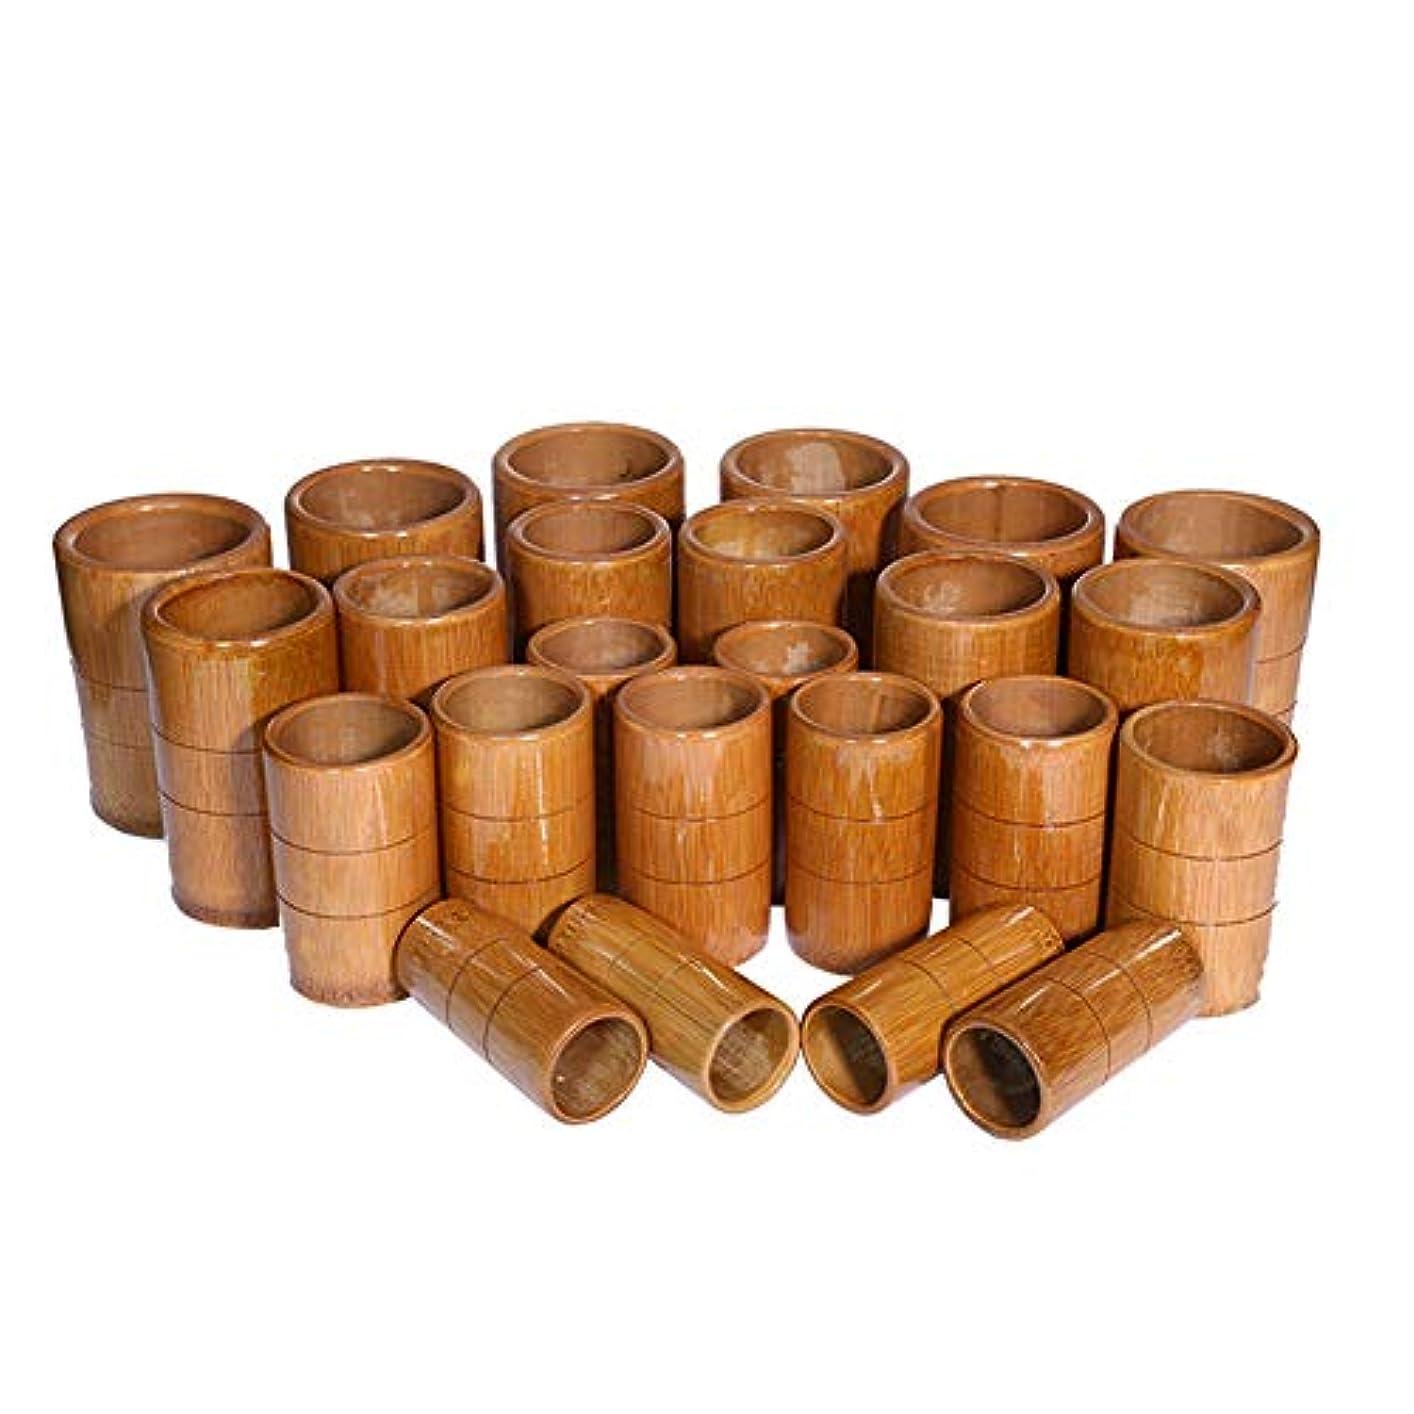 状特定の憂慮すべきカッピング竹療法セットマッサージ真空カップキット - 炭缶鍼灸医療吸引セット,A10pcs